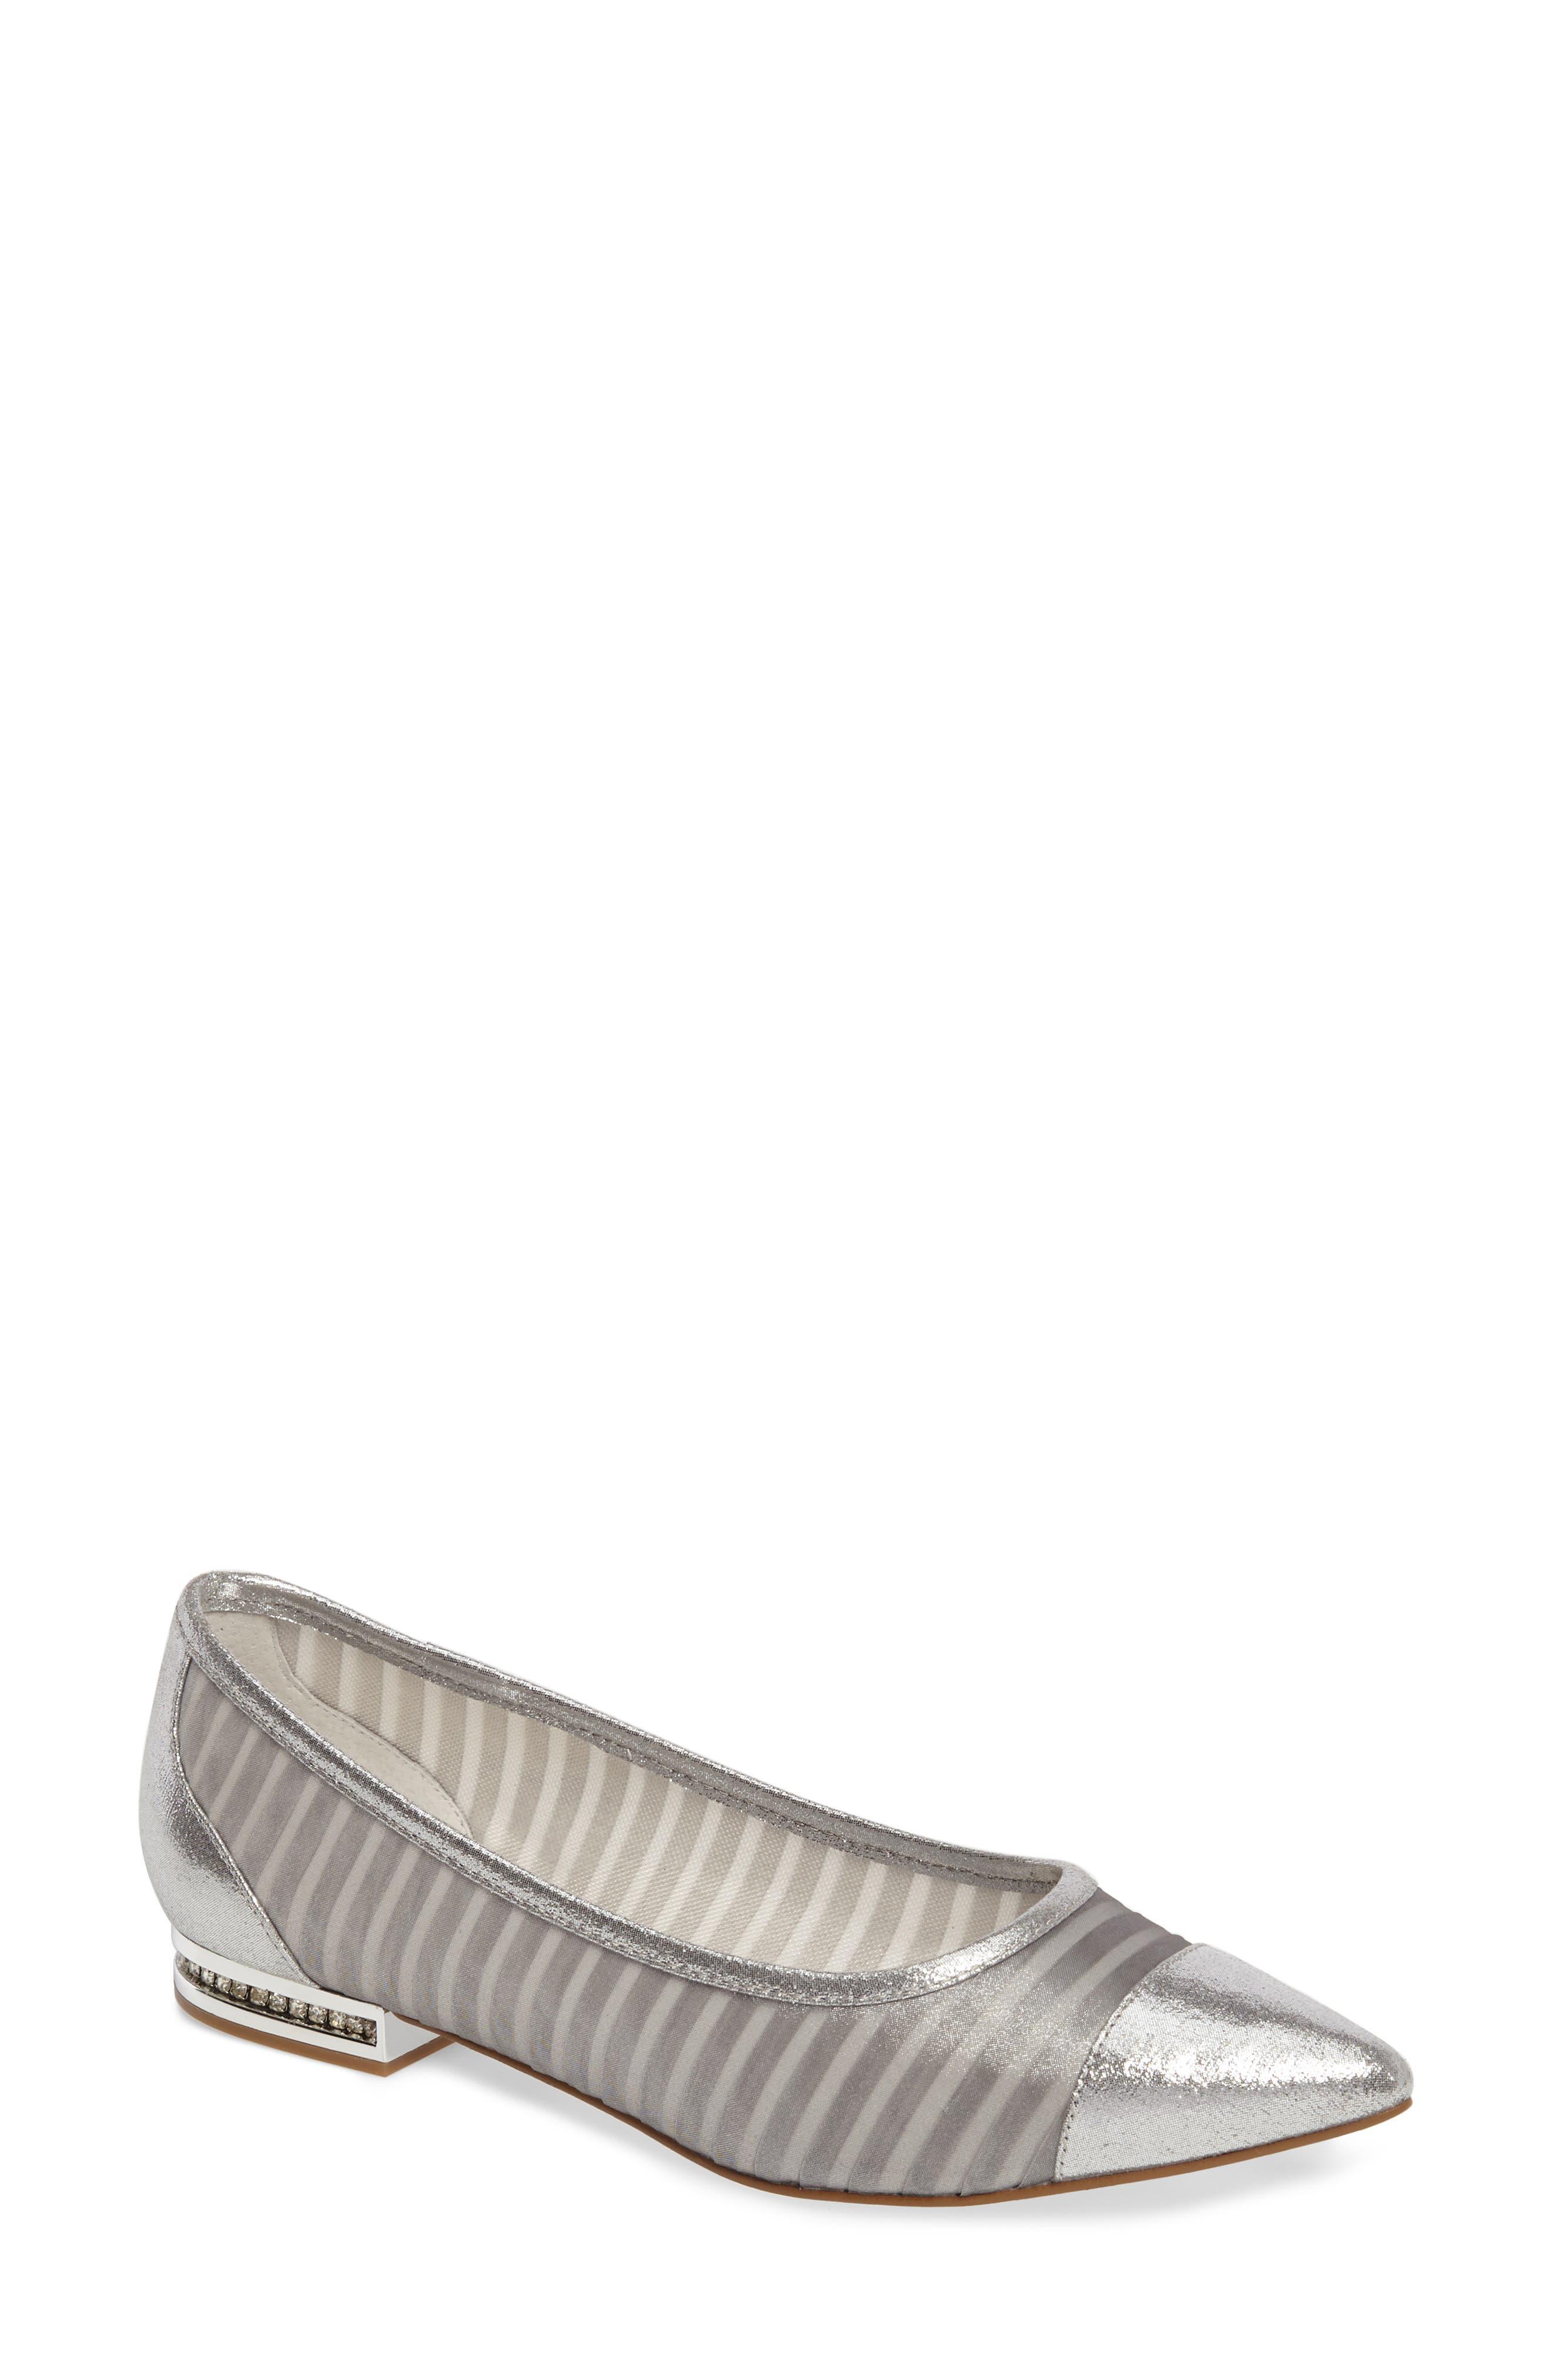 Main Image - Adrianna Papell Tiffany Pointy Toe Flat (Women)